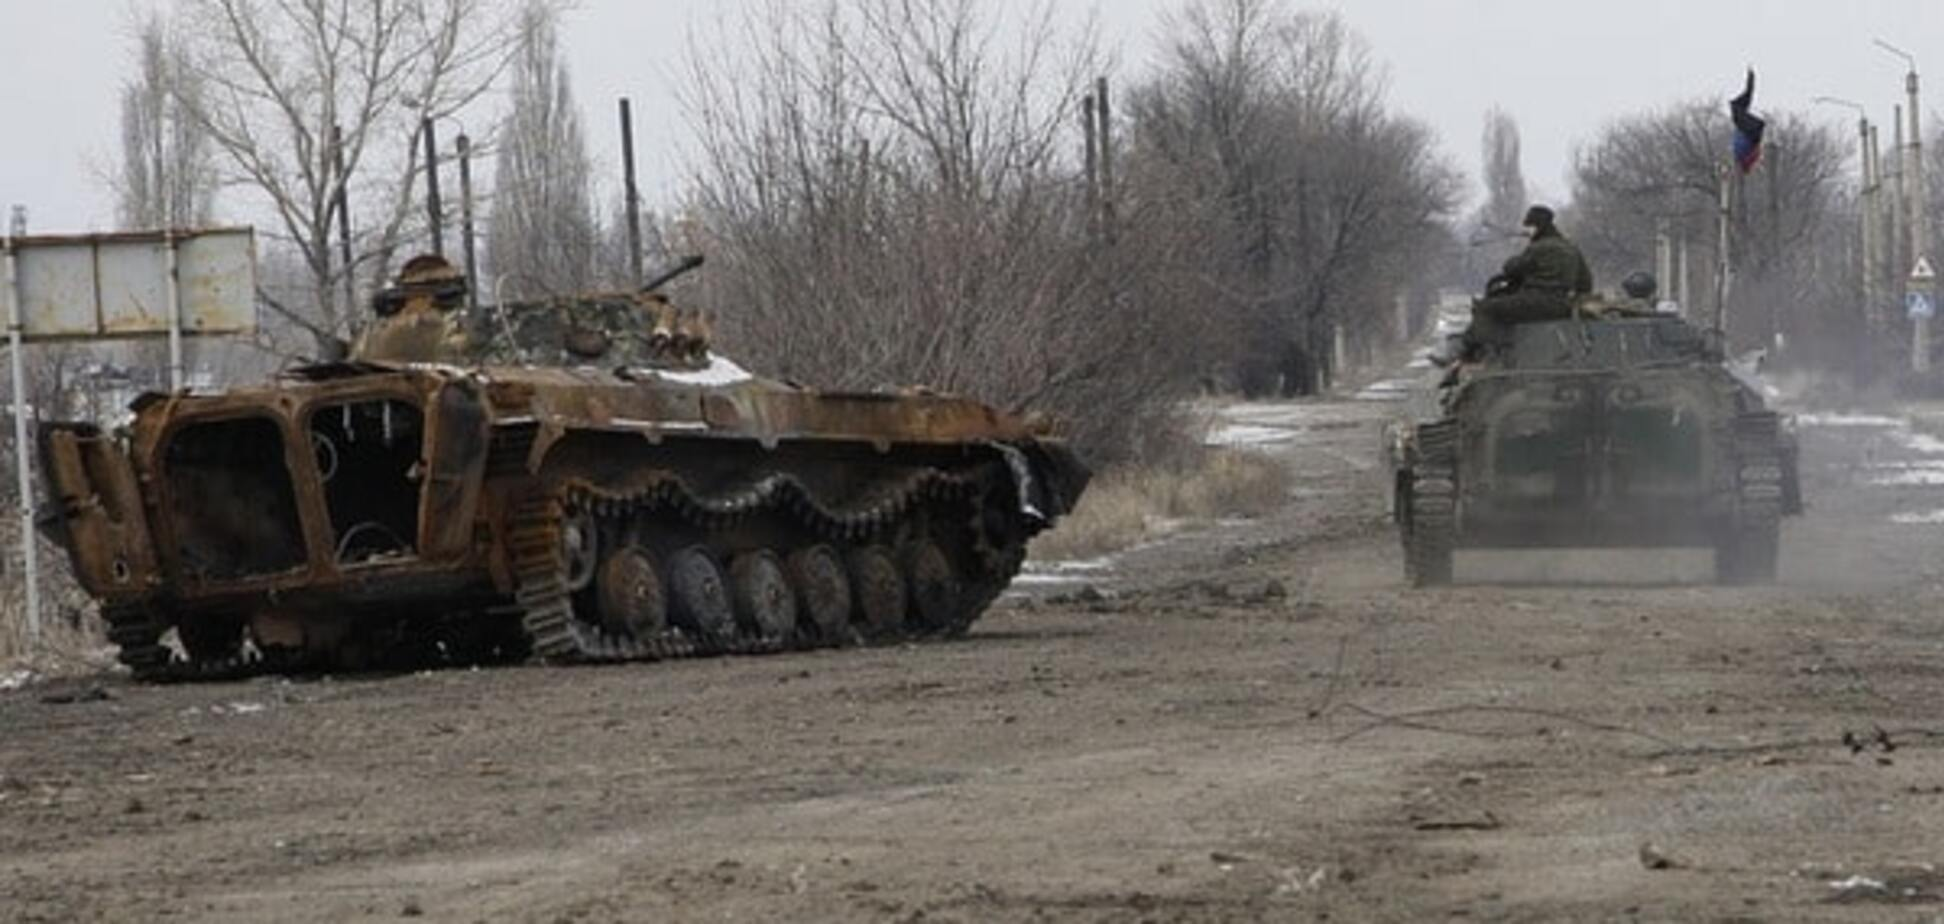 Із Донбасу до Росії привозять чимало танків зі трупами, що згоріли всередині - Невзоров